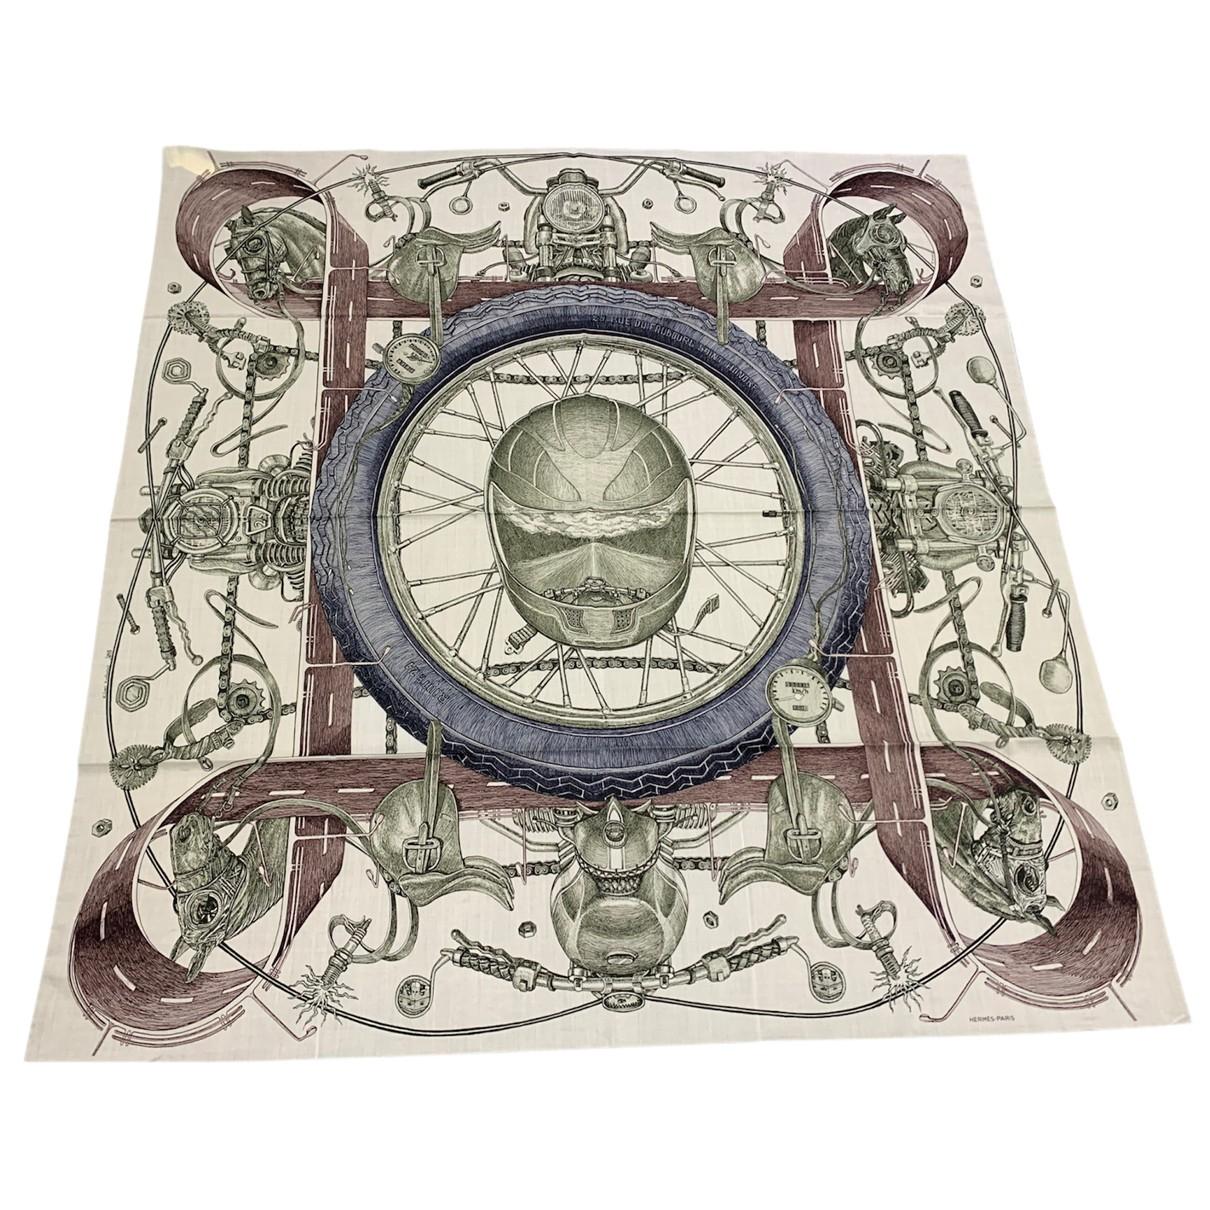 Hermes \N Tuecher, Schal in  Bunt Wolle